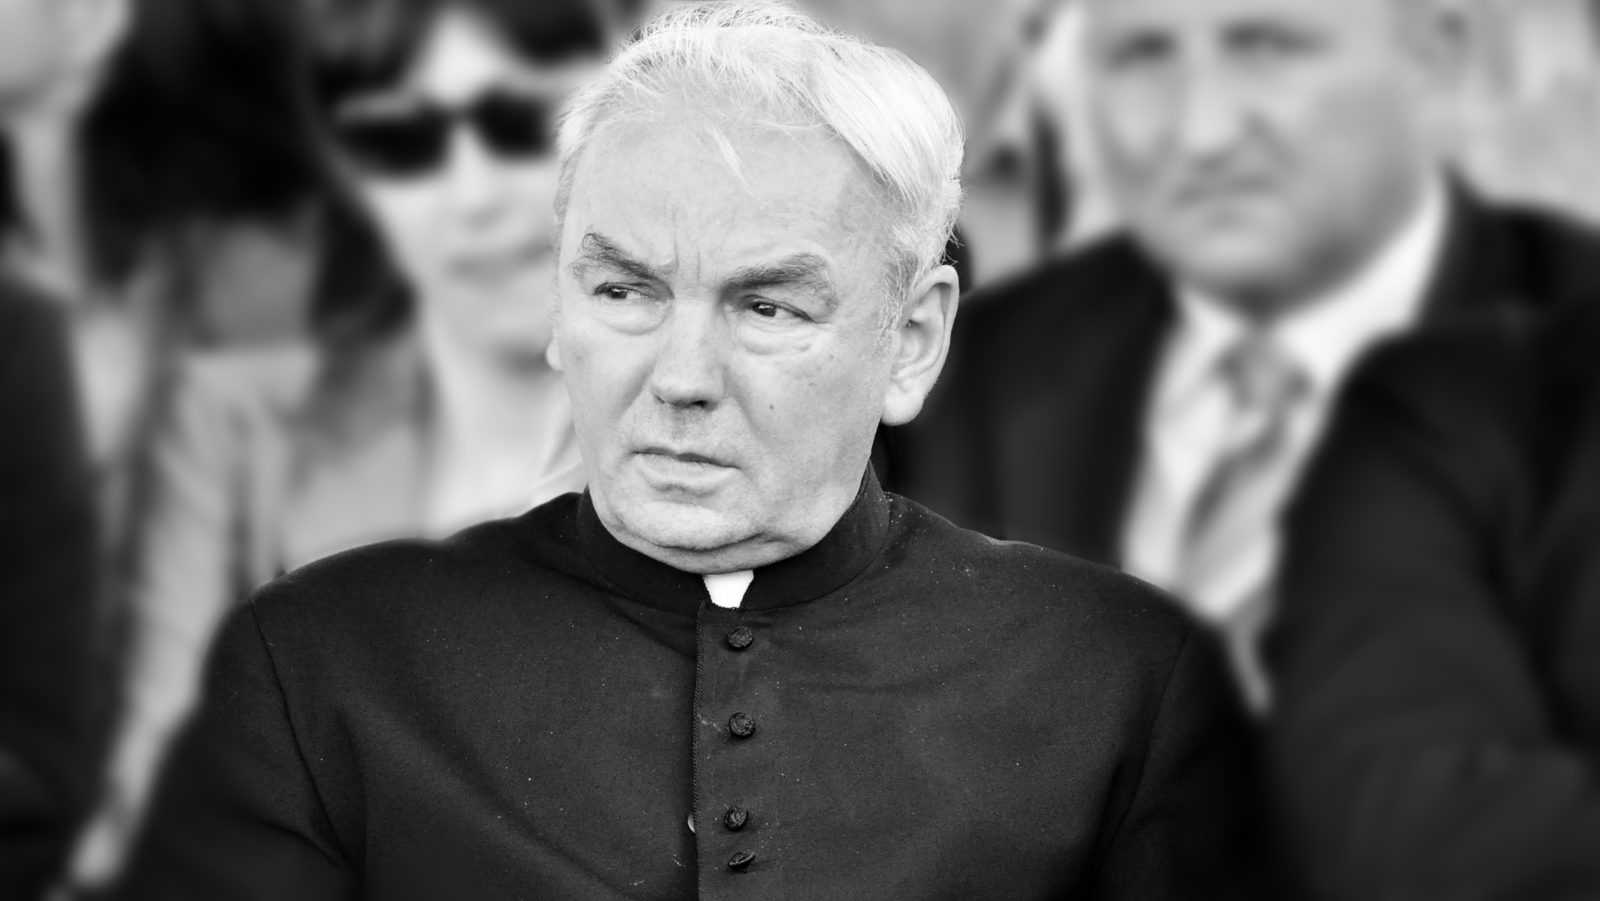 Nie żyje ks. Stanisław Marczewski. Przez wiele lat pełnił funkcję proboszcza  - Zdjęcie główne